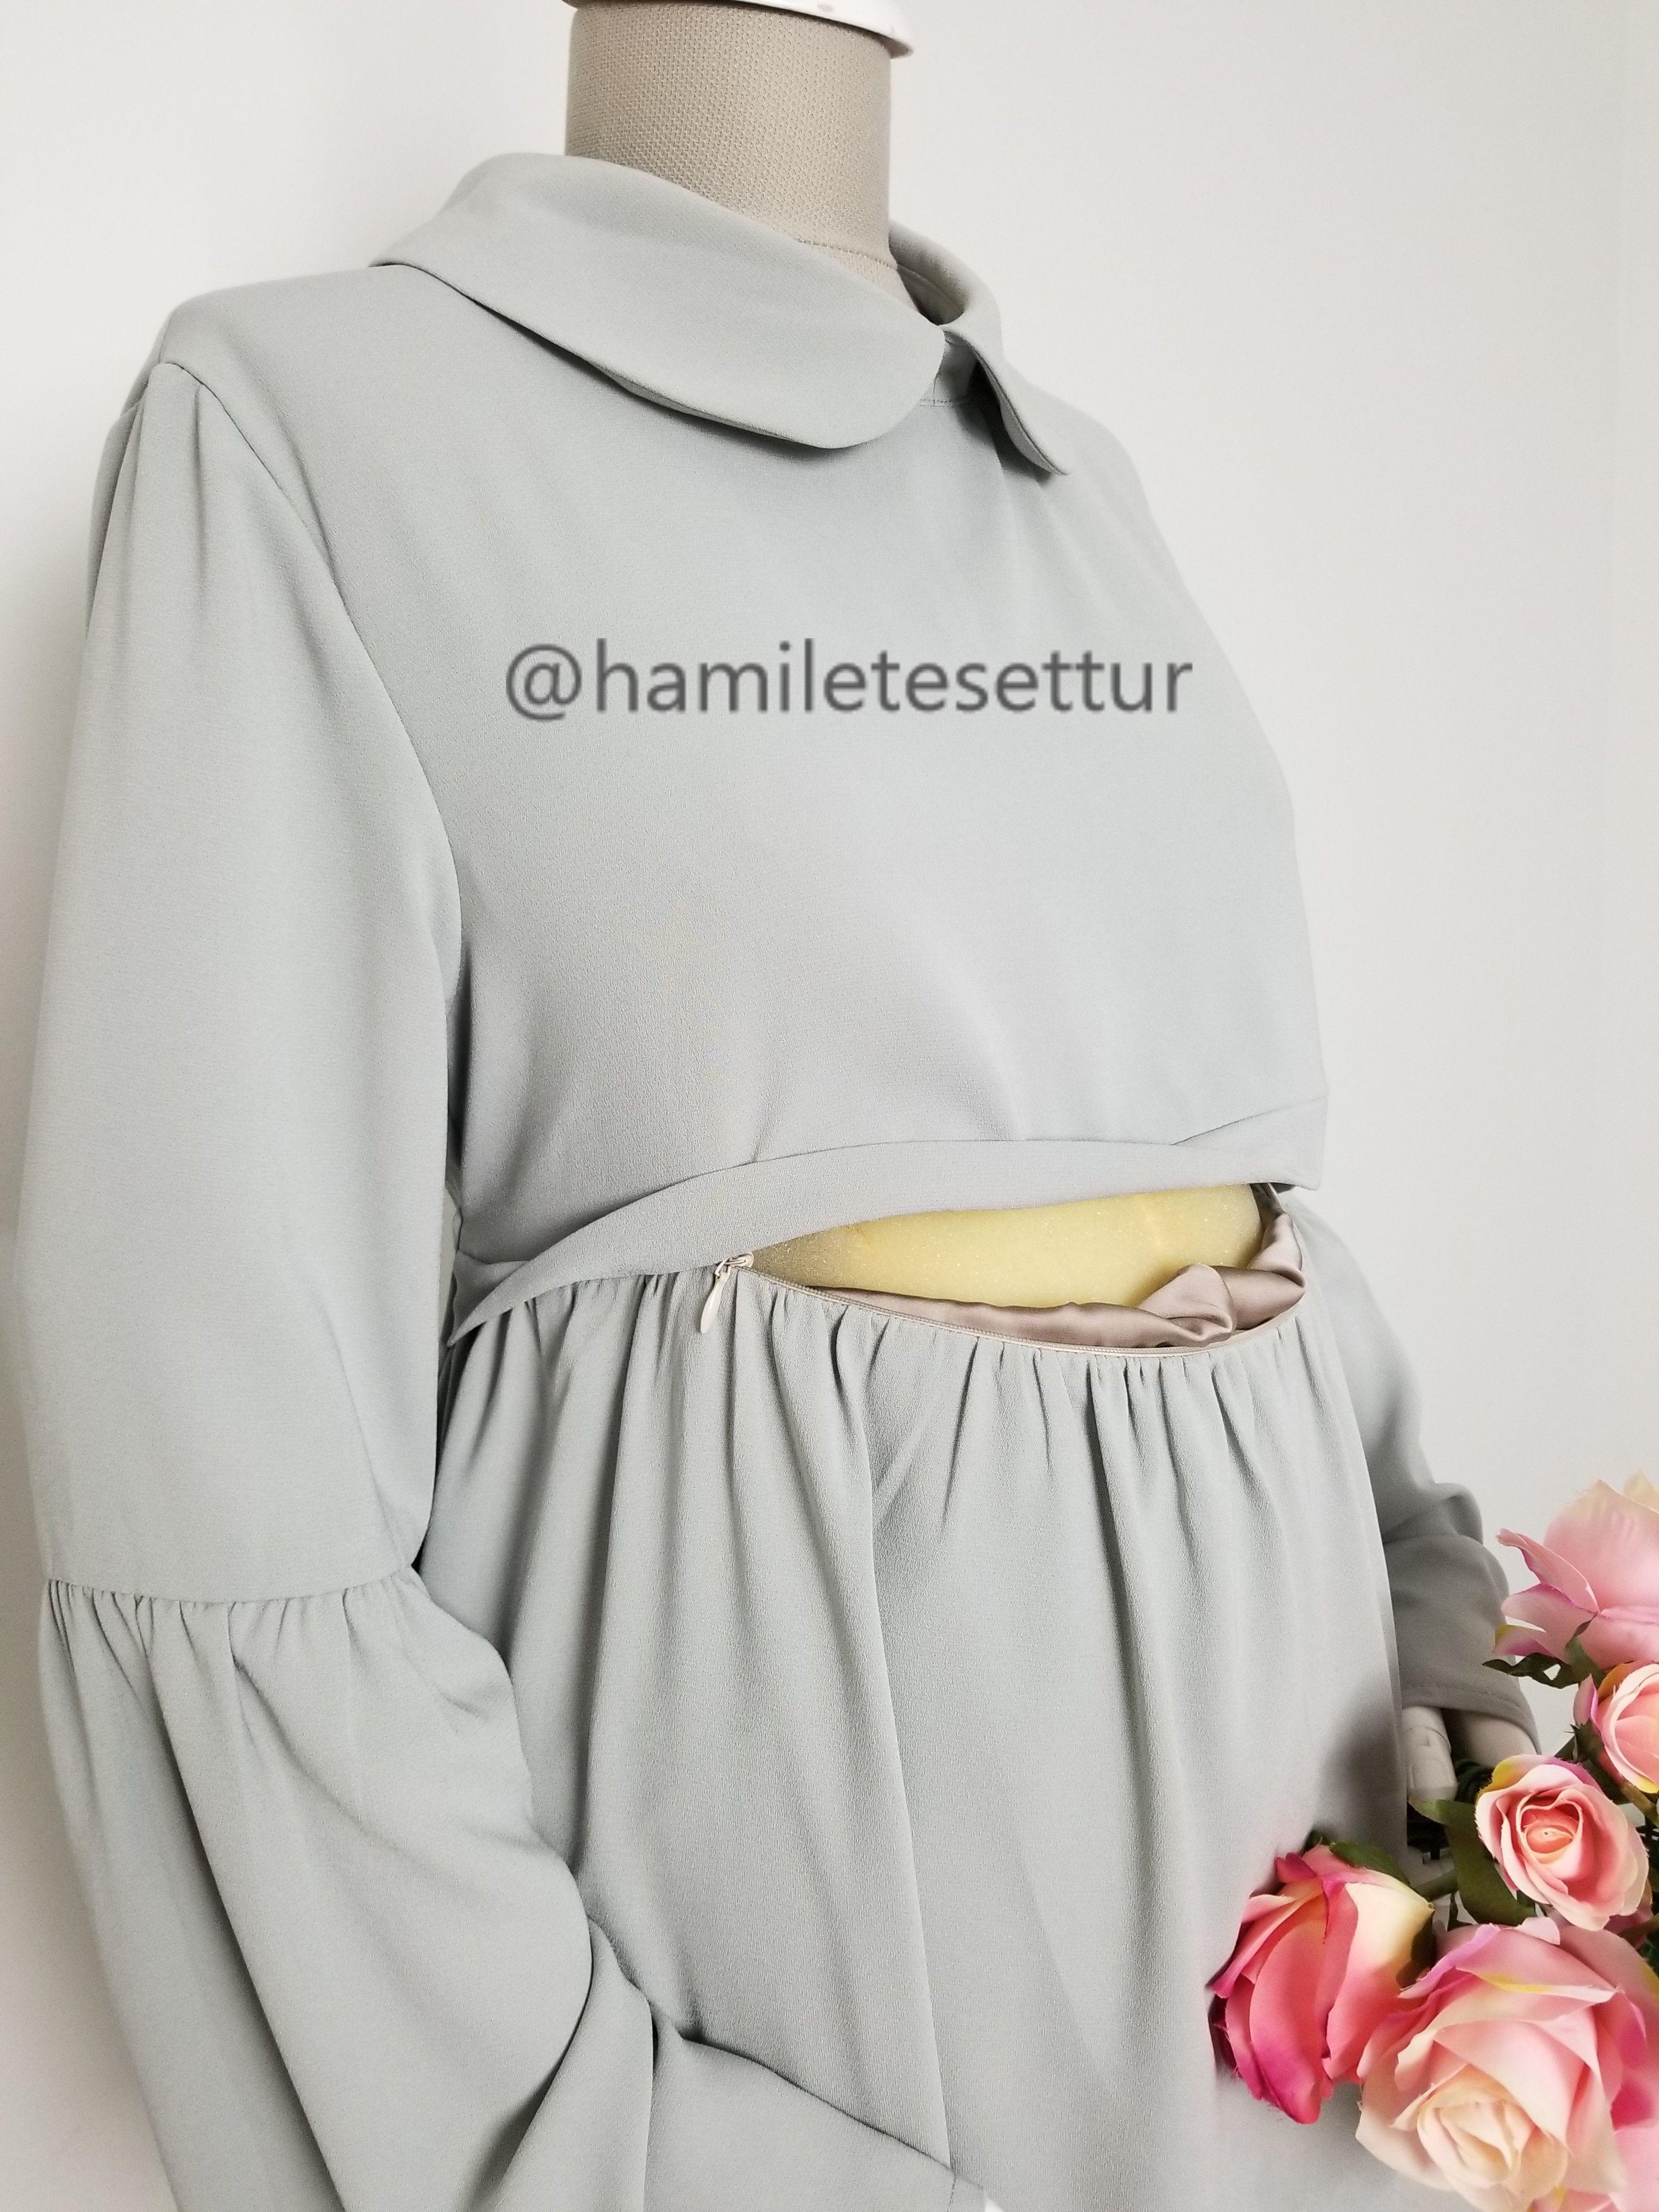 Hamile Tesettur Emizren Anne Maternity Hijab Tesettur Abiye Modelleri 2020 Abiye Emizren Hamile Hijab Maternity Tese 2020 Moda Stilleri Moda Trendler